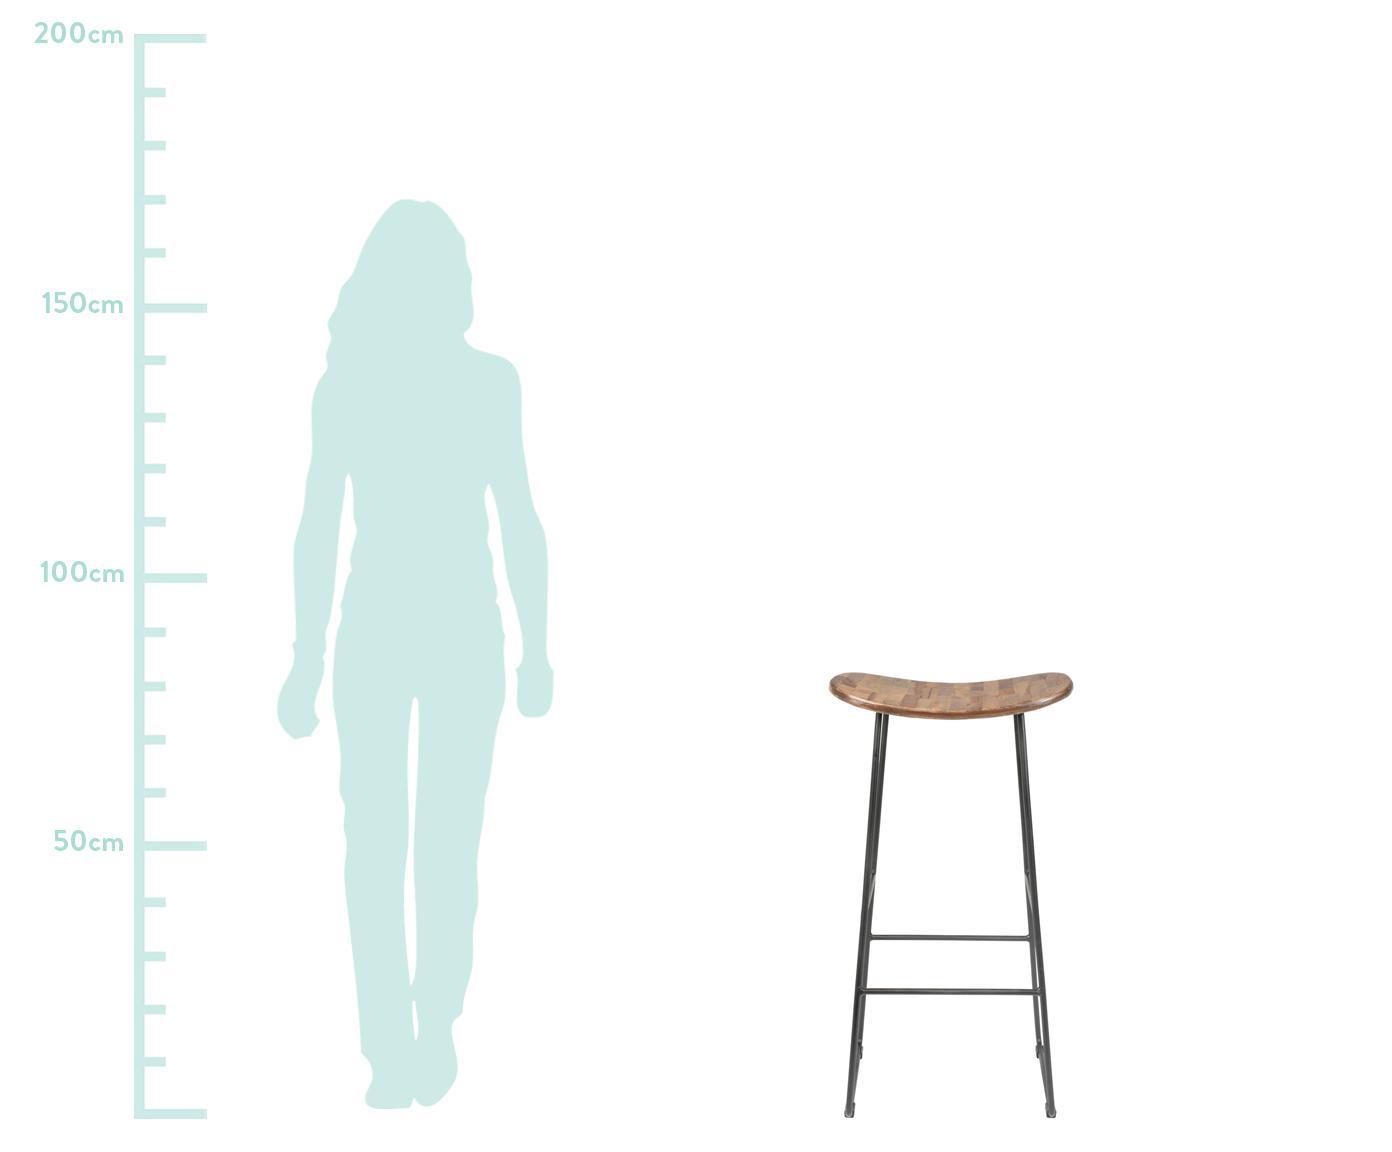 Barhocker Tangle aus Teakholz und Metall, Sitzfläche: Recyceltes Teakholz, lack, Beine: Metall, pulverbeschichtet, Teakholz, Schwarz, B 40 x H 80 cm